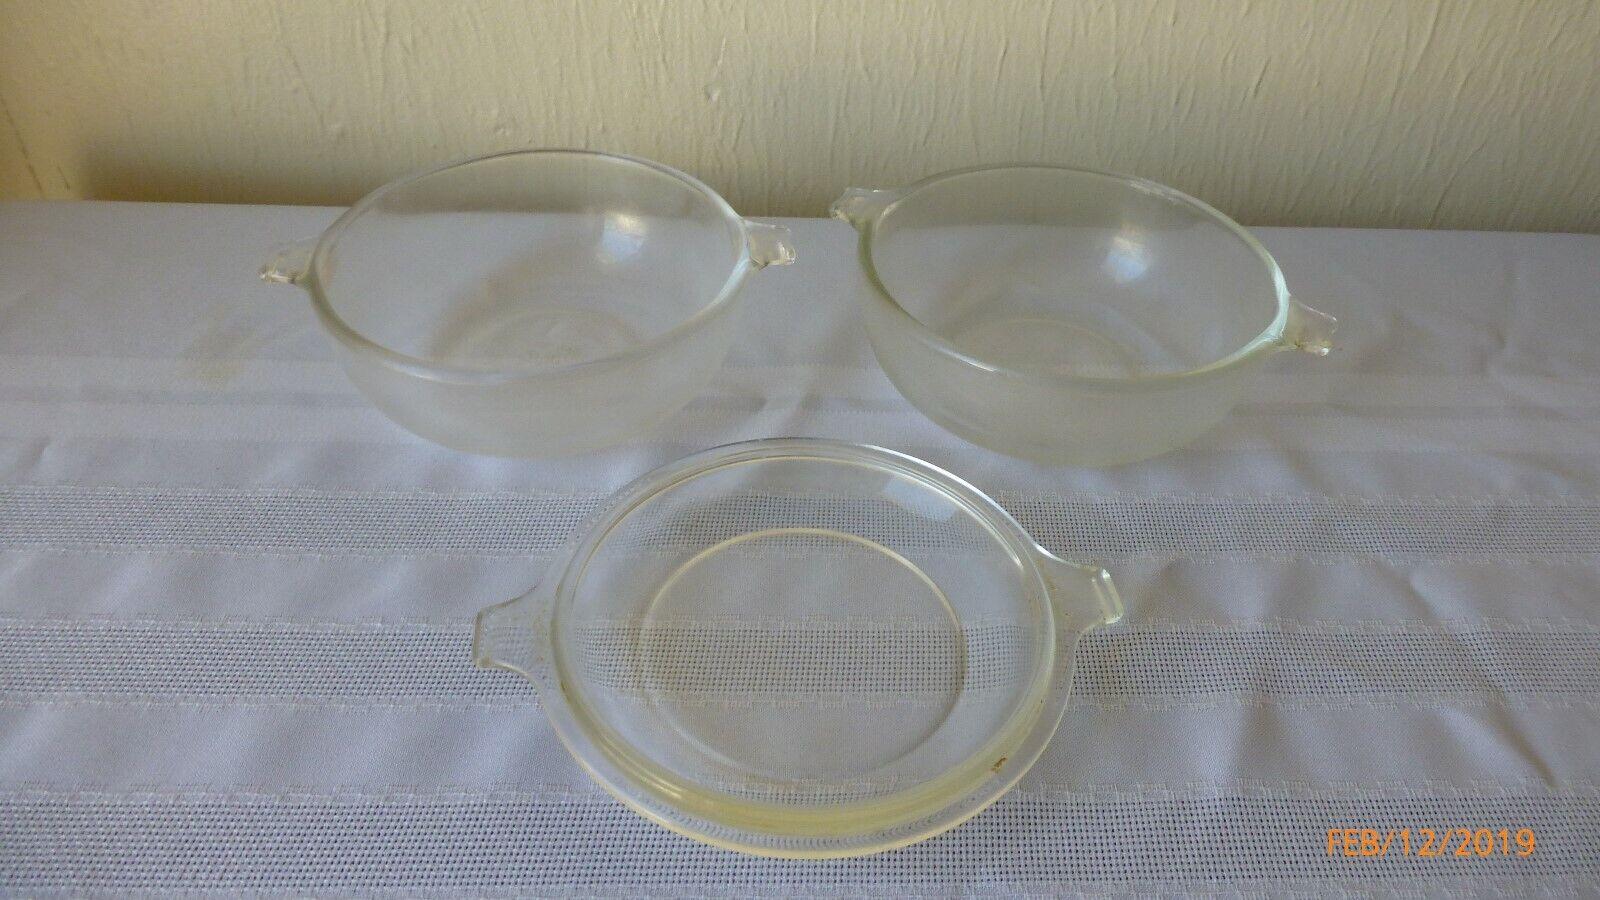 Vintage Pyrex 20 Oz Mini Clear Casserole Dishes 2 Casseroles 1 Lid Set Of 3  - $14.95